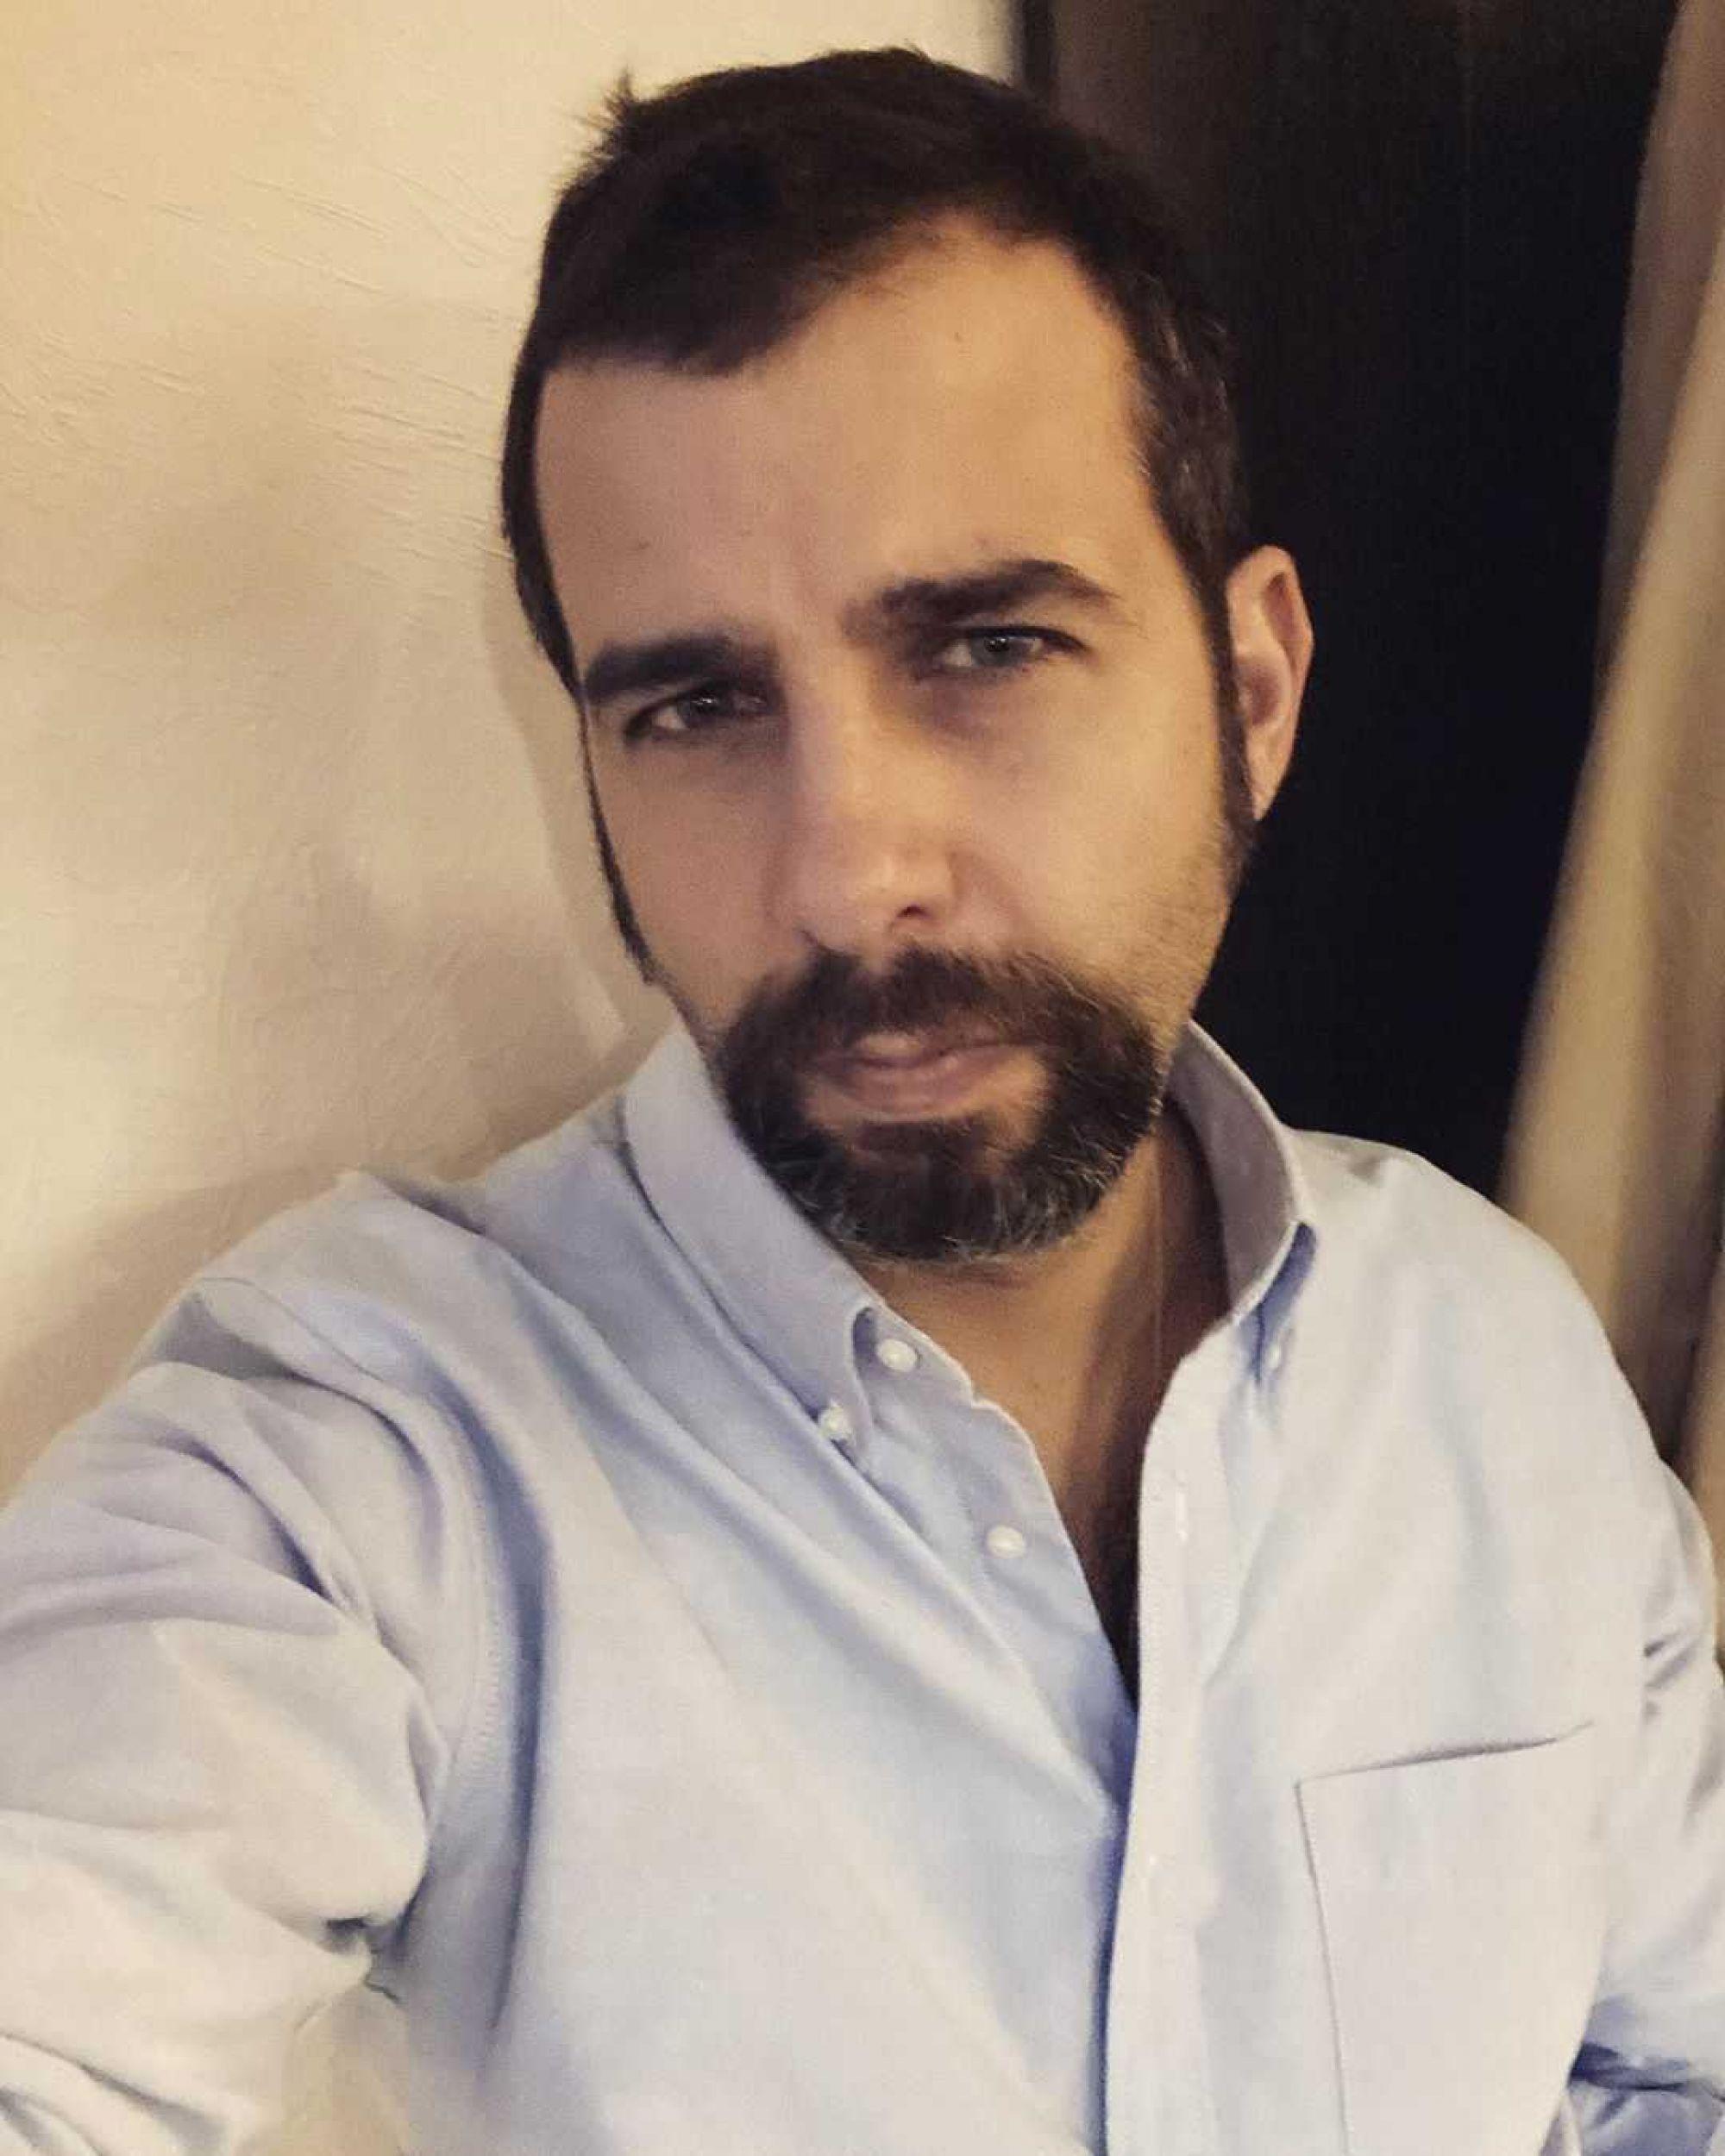 «Потрепала вас пандемия знатно»: Иван Ургант напугал фанатов снимком из клиники